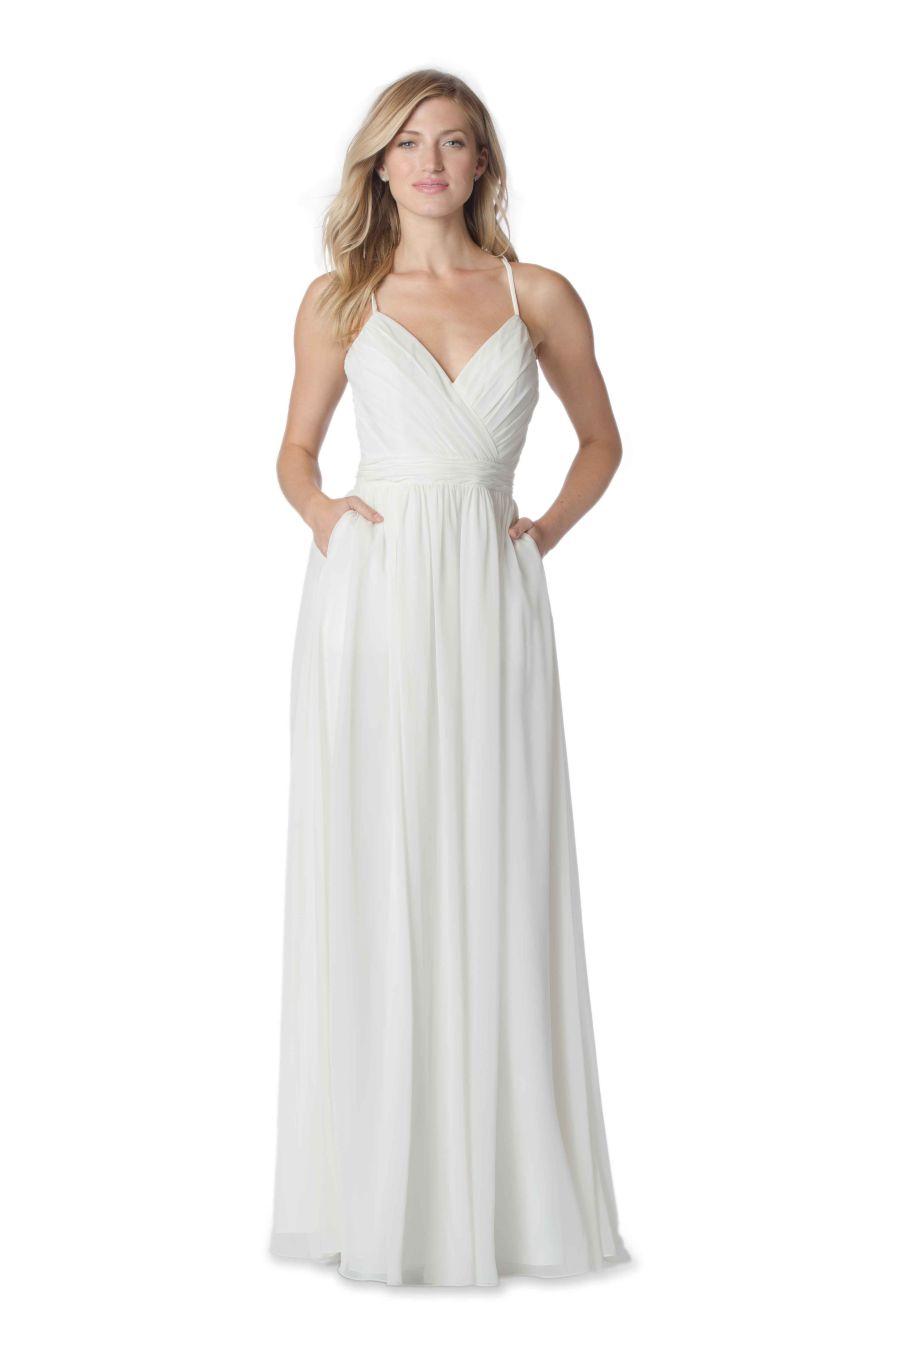 Bari jay whites 2060 v neck destination wedding dress for Dresses for destination wedding